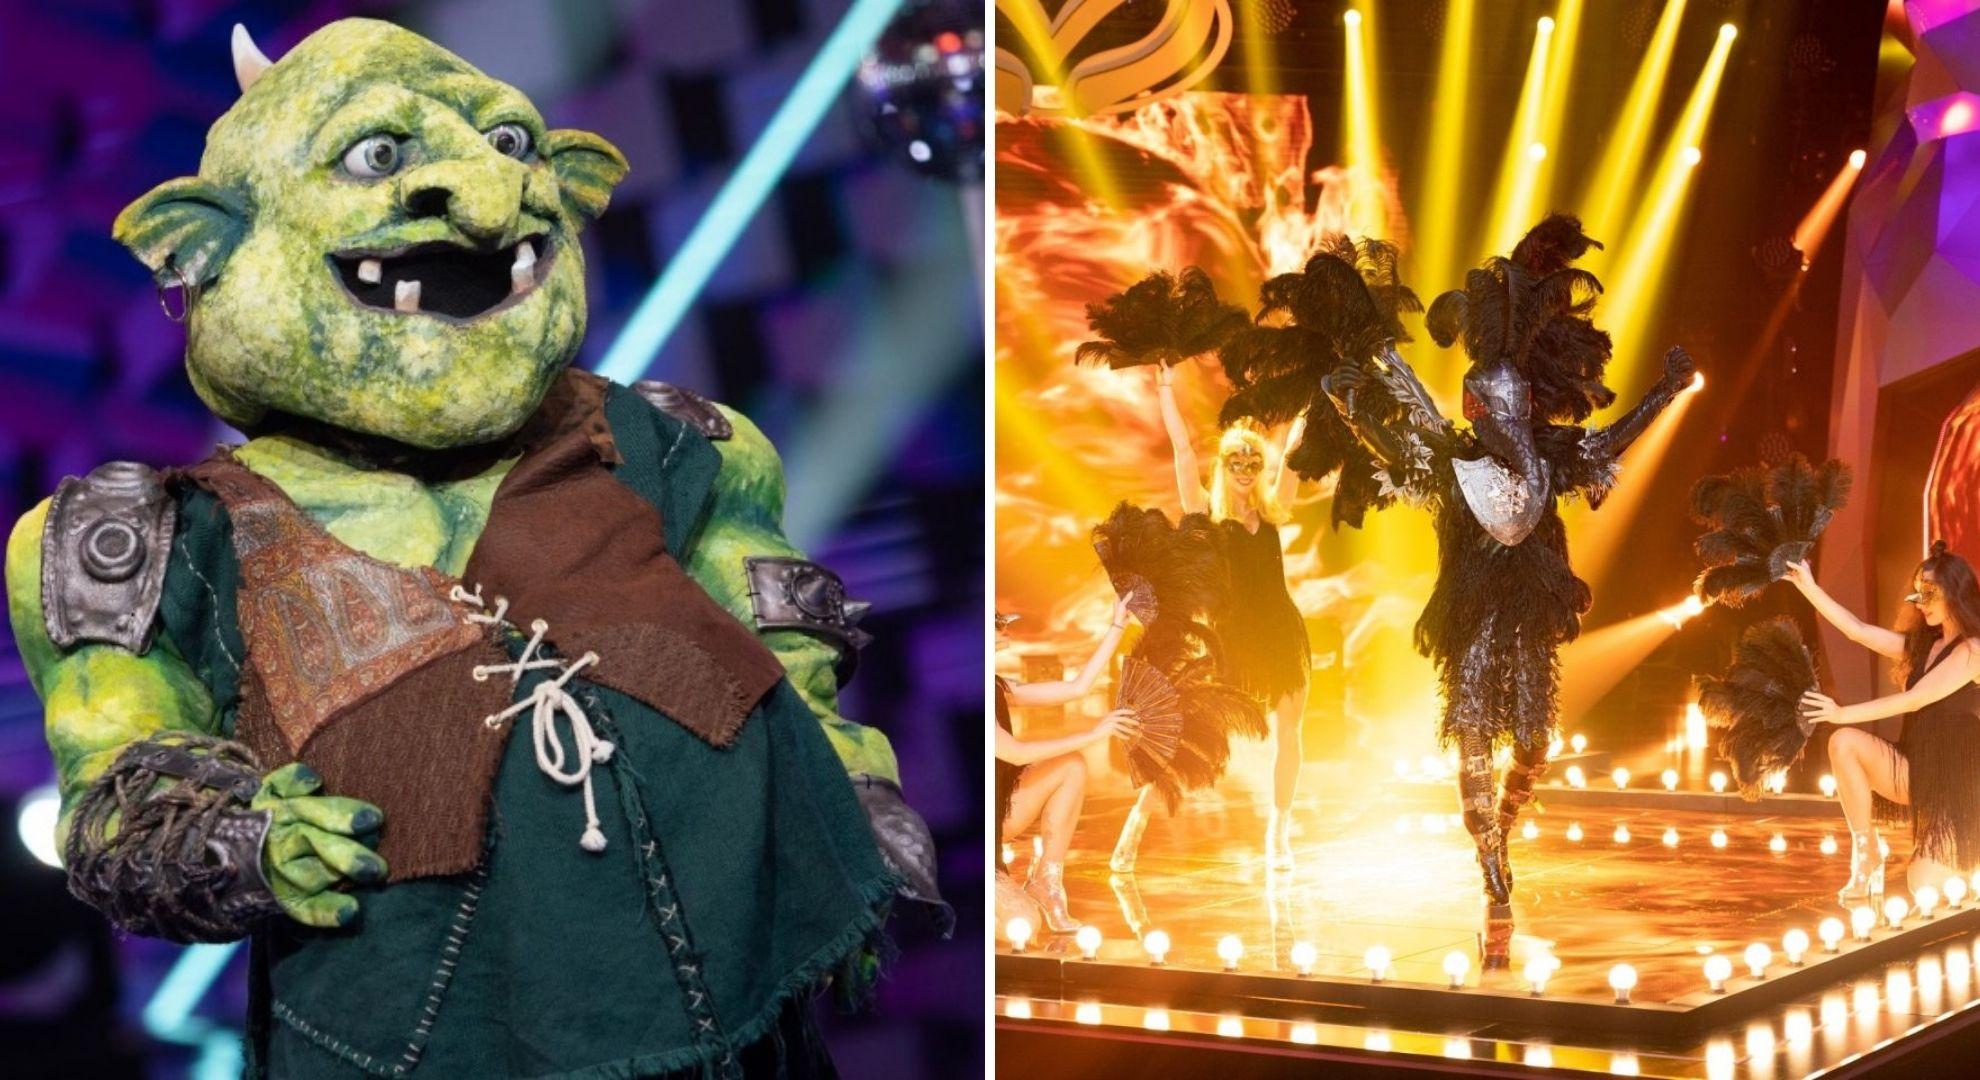 Semifinala Masked Singer România. Cinci măști se bat pentru finala concursului de la PRO TV